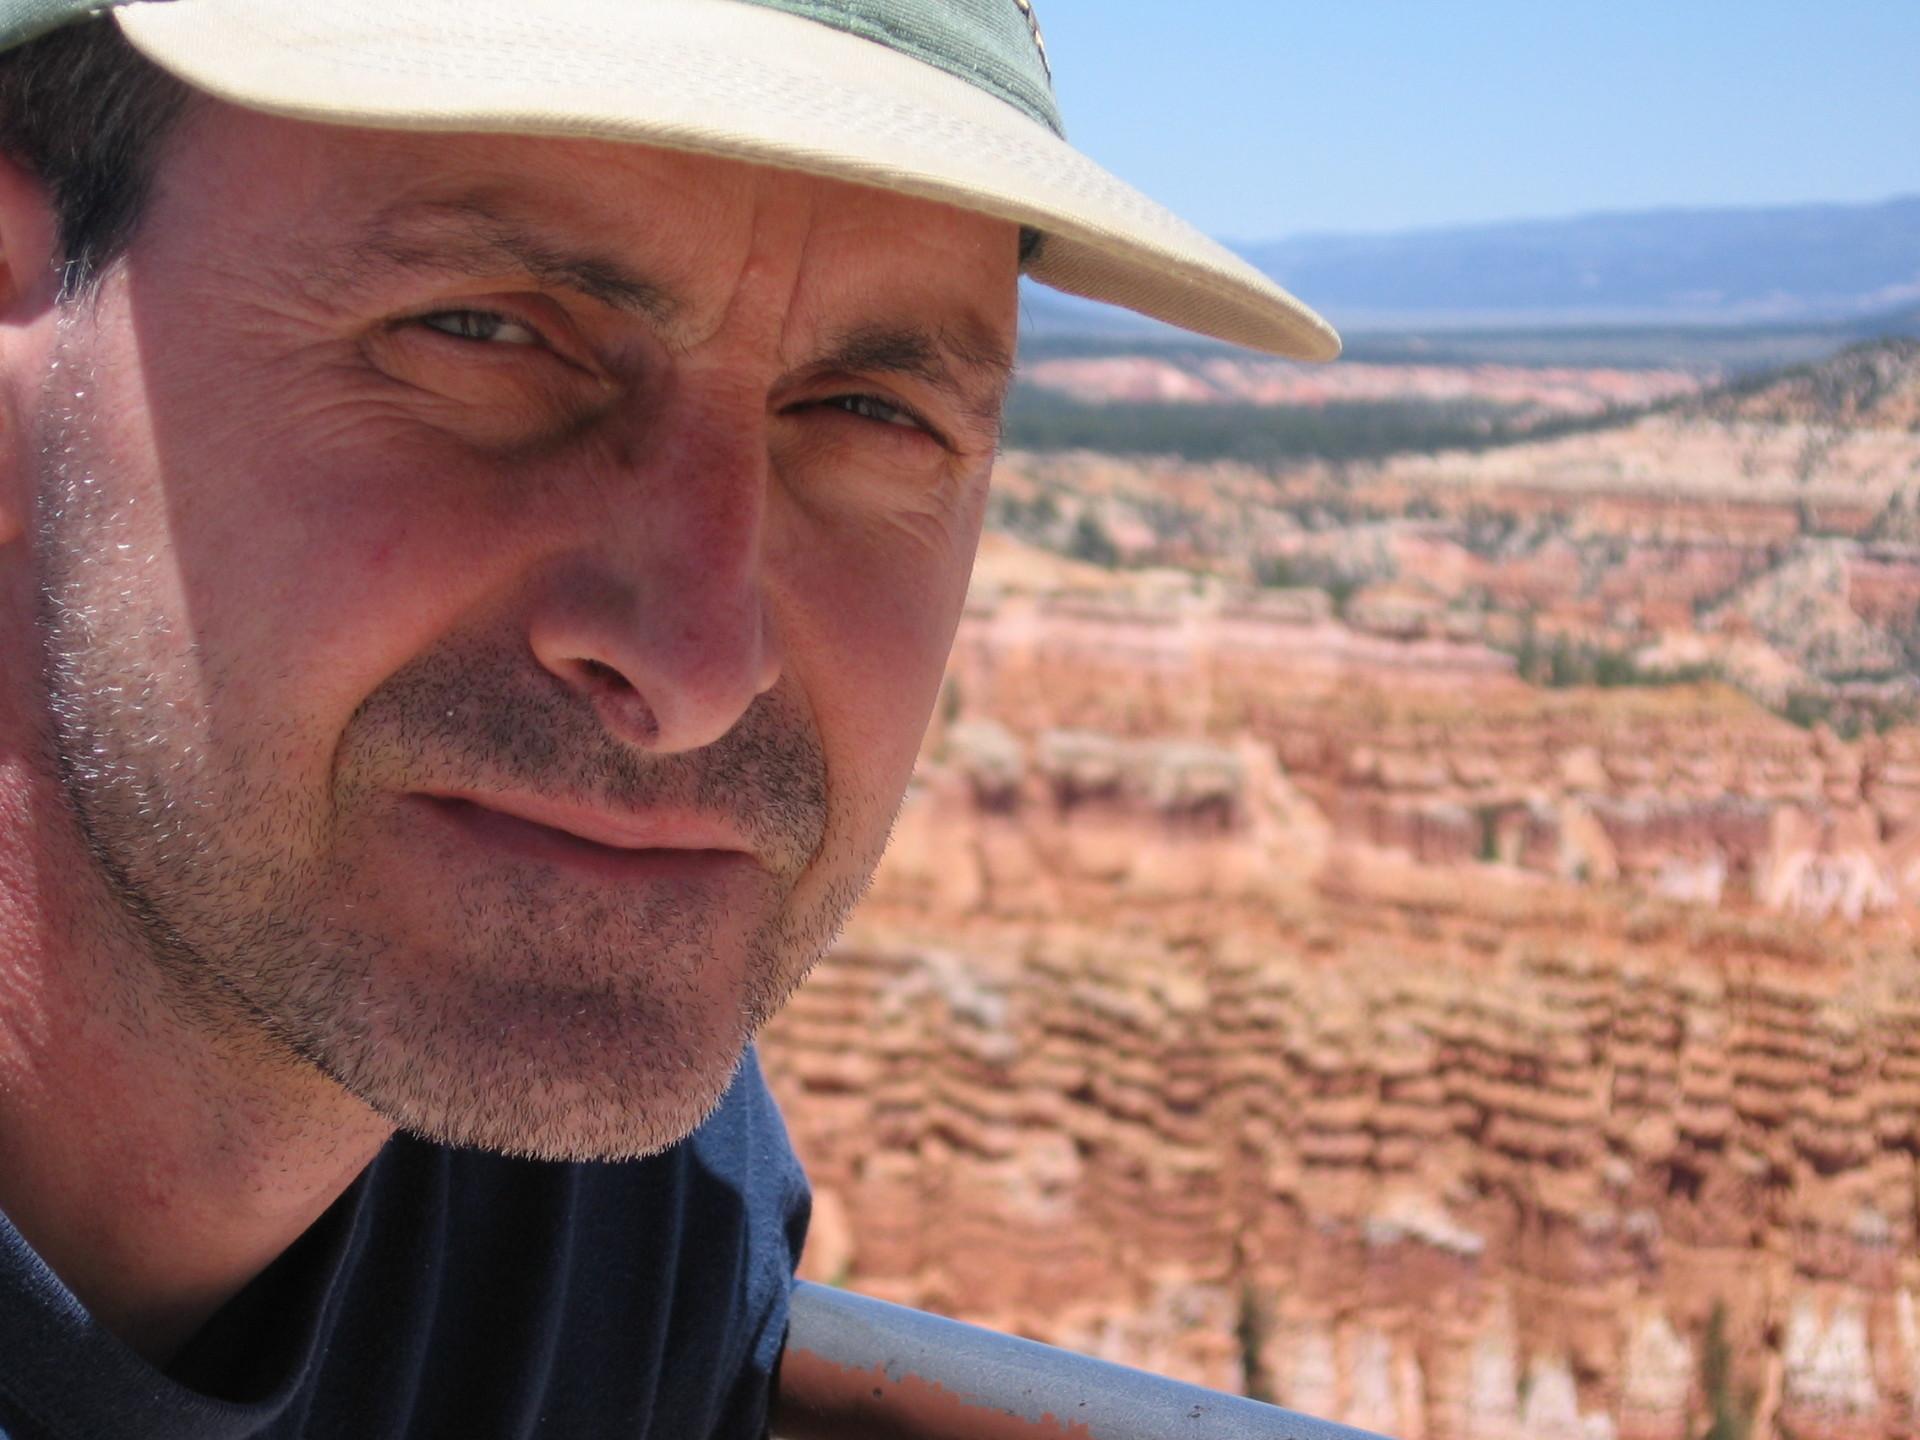 Alan Elyshevitz